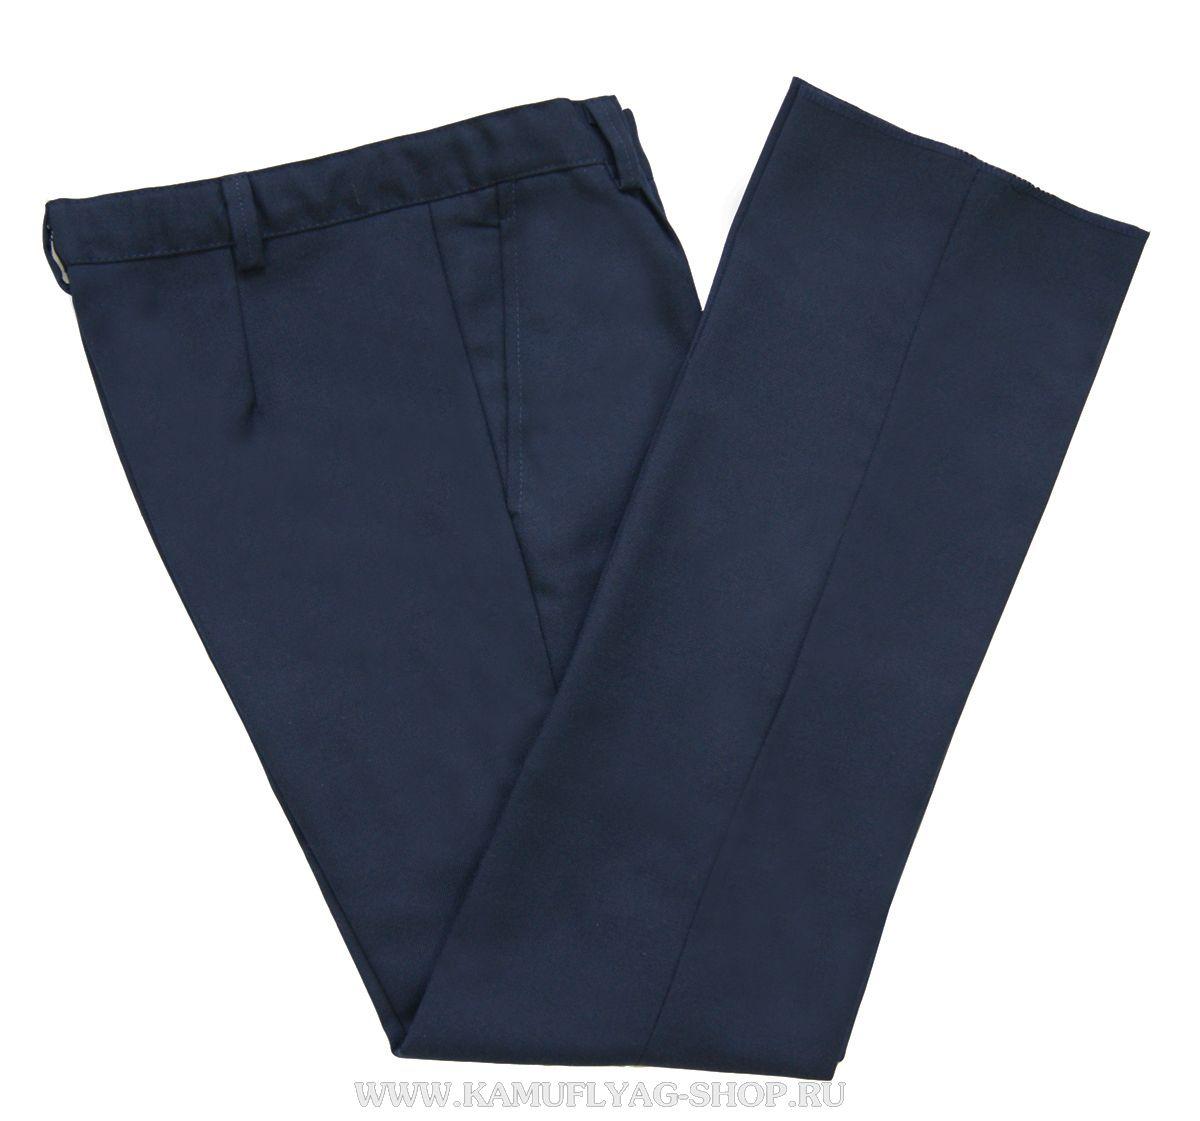 Брюки форменные женские синие